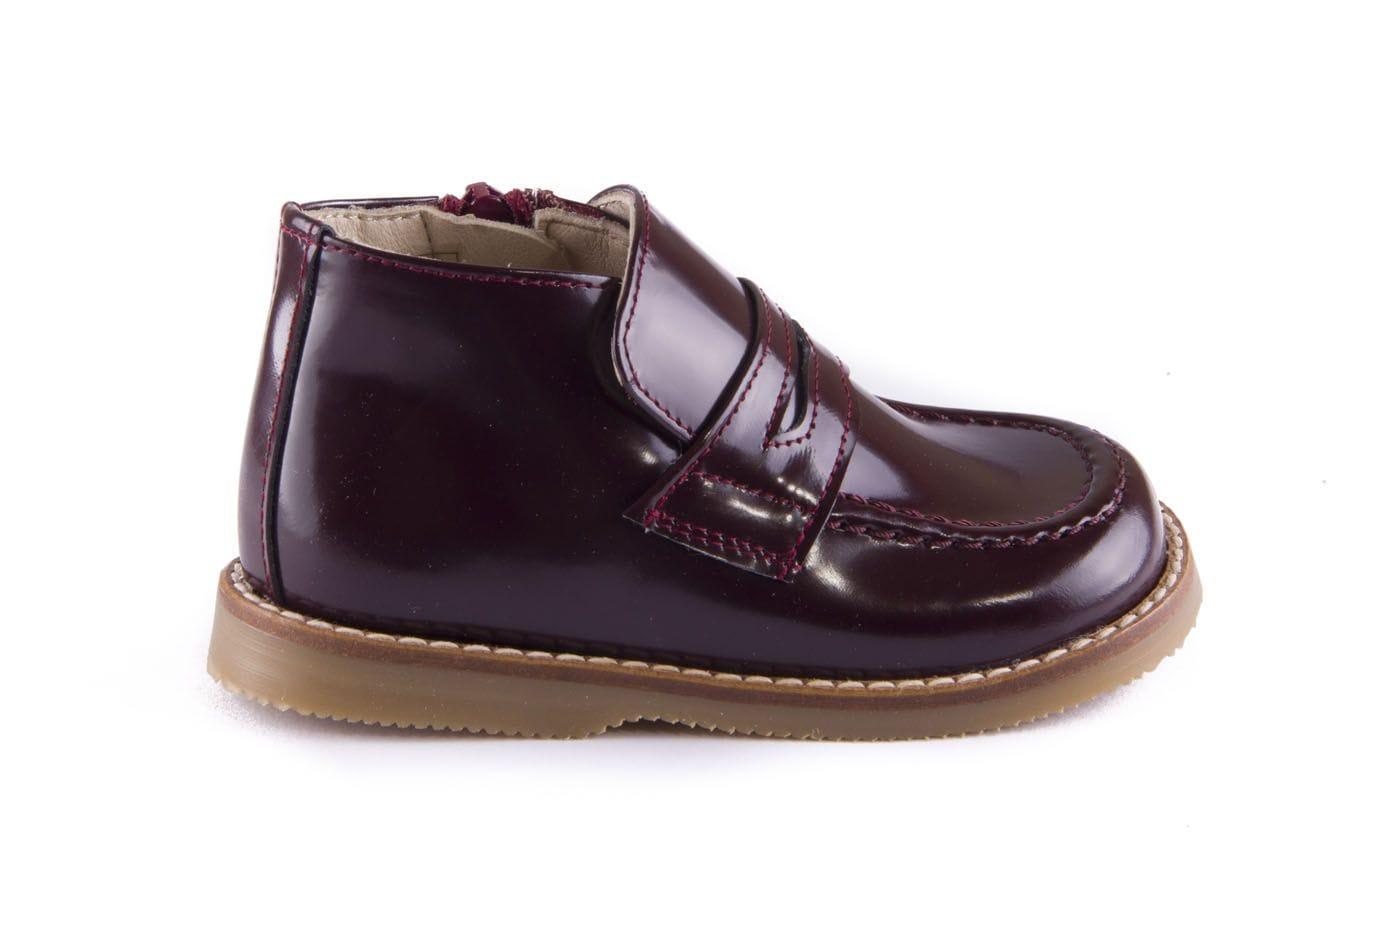 6254f02169e Comprar zapato tipo JOVEN NIÑO estilo BOTAS COLOR MARRON FLORENTIN ...